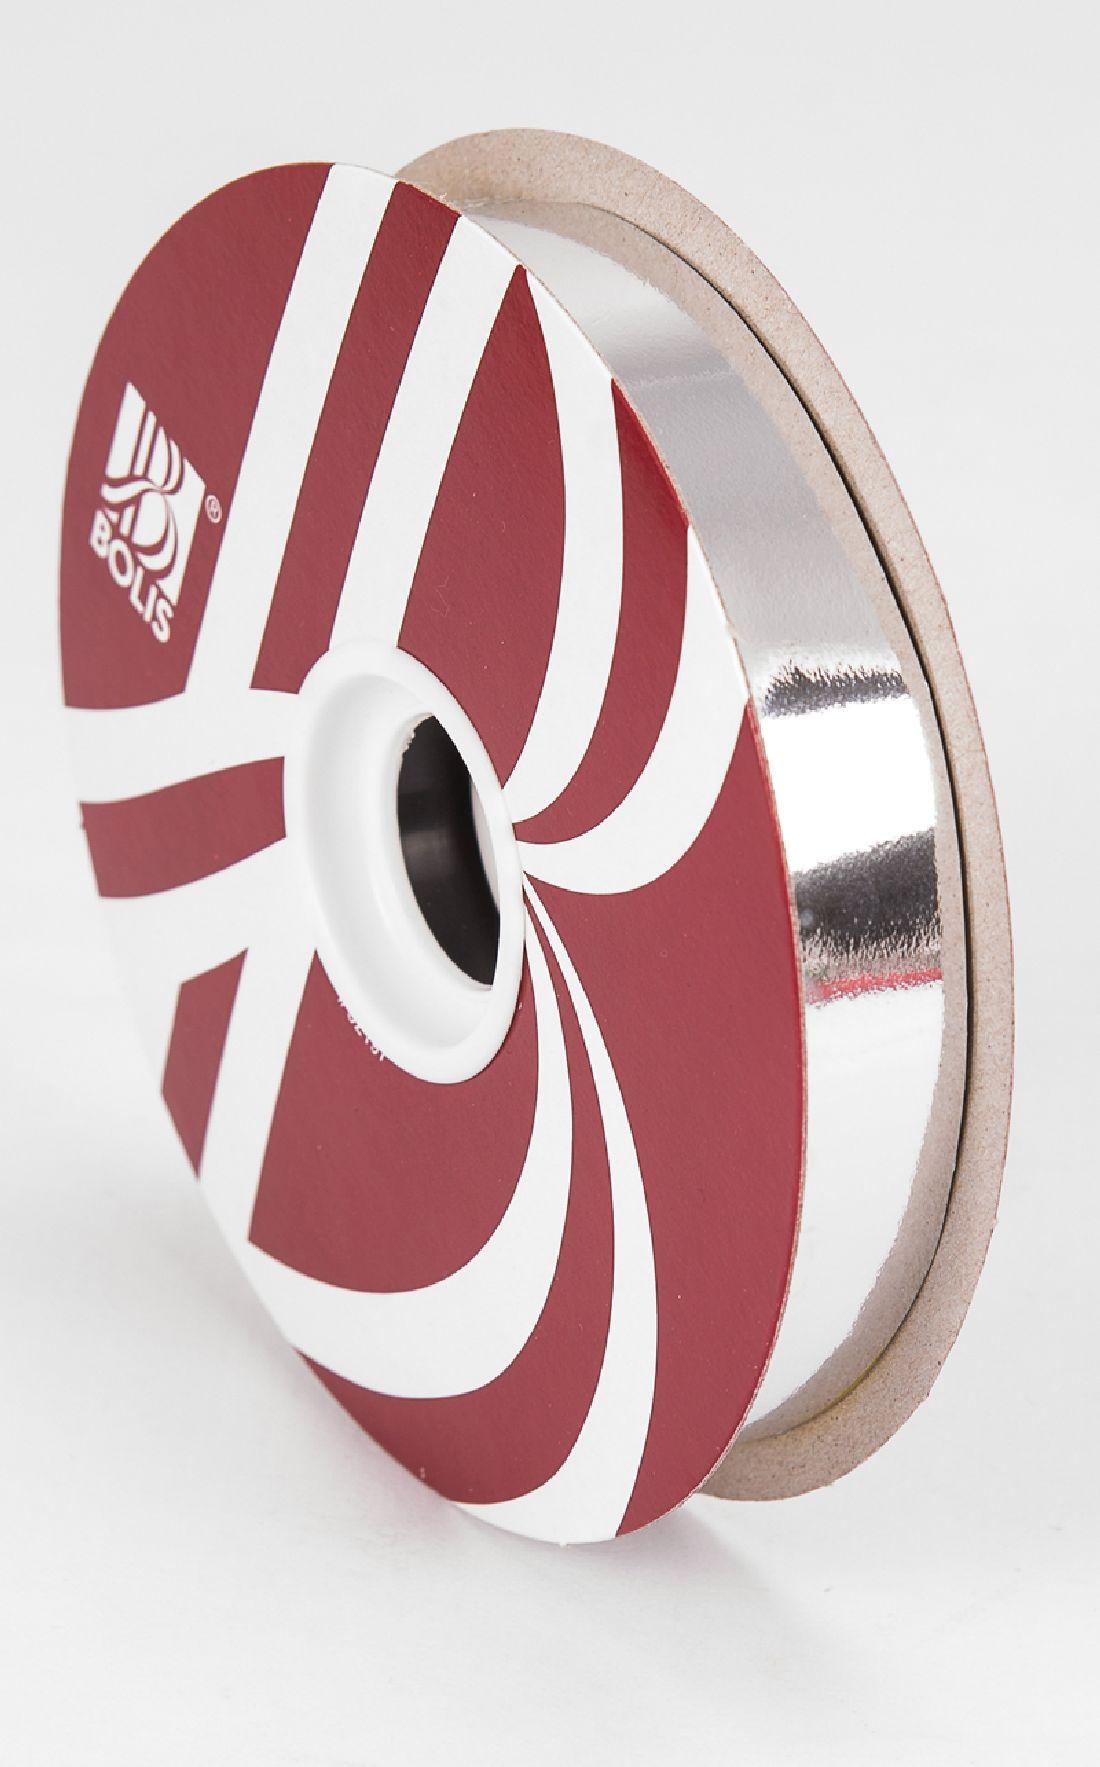 Kräuselband metallic, Ziehband SILBER 19 Geschenkband 19mm 100Meter